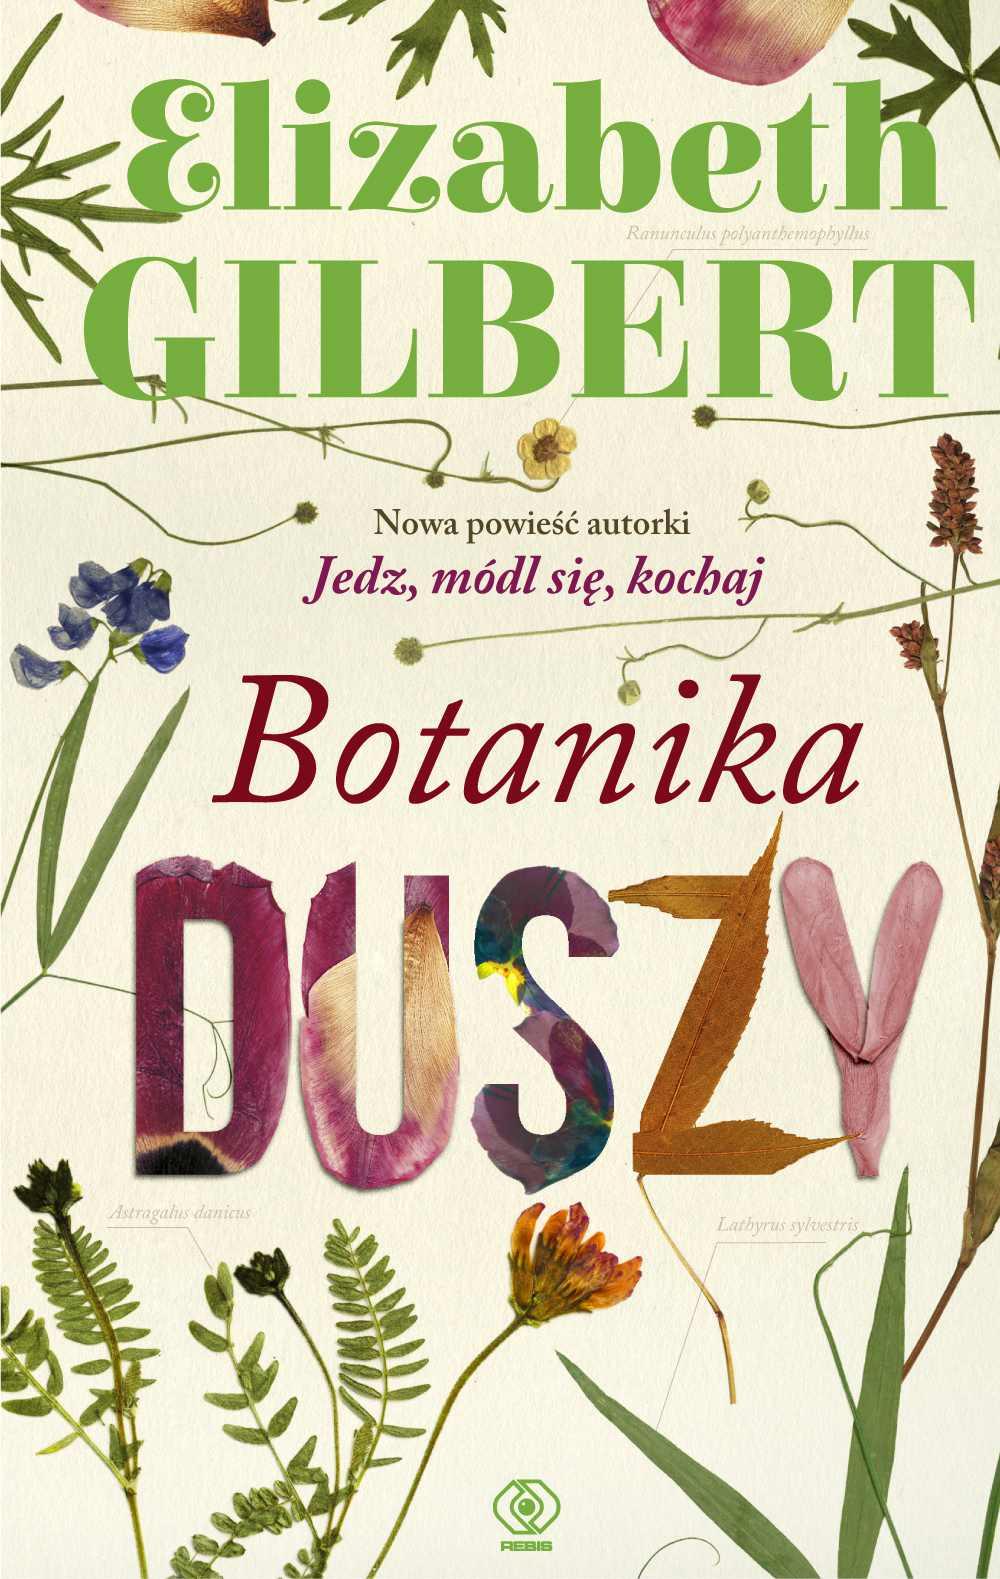 Botanika duszy - Ebook (Książka EPUB) do pobrania w formacie EPUB